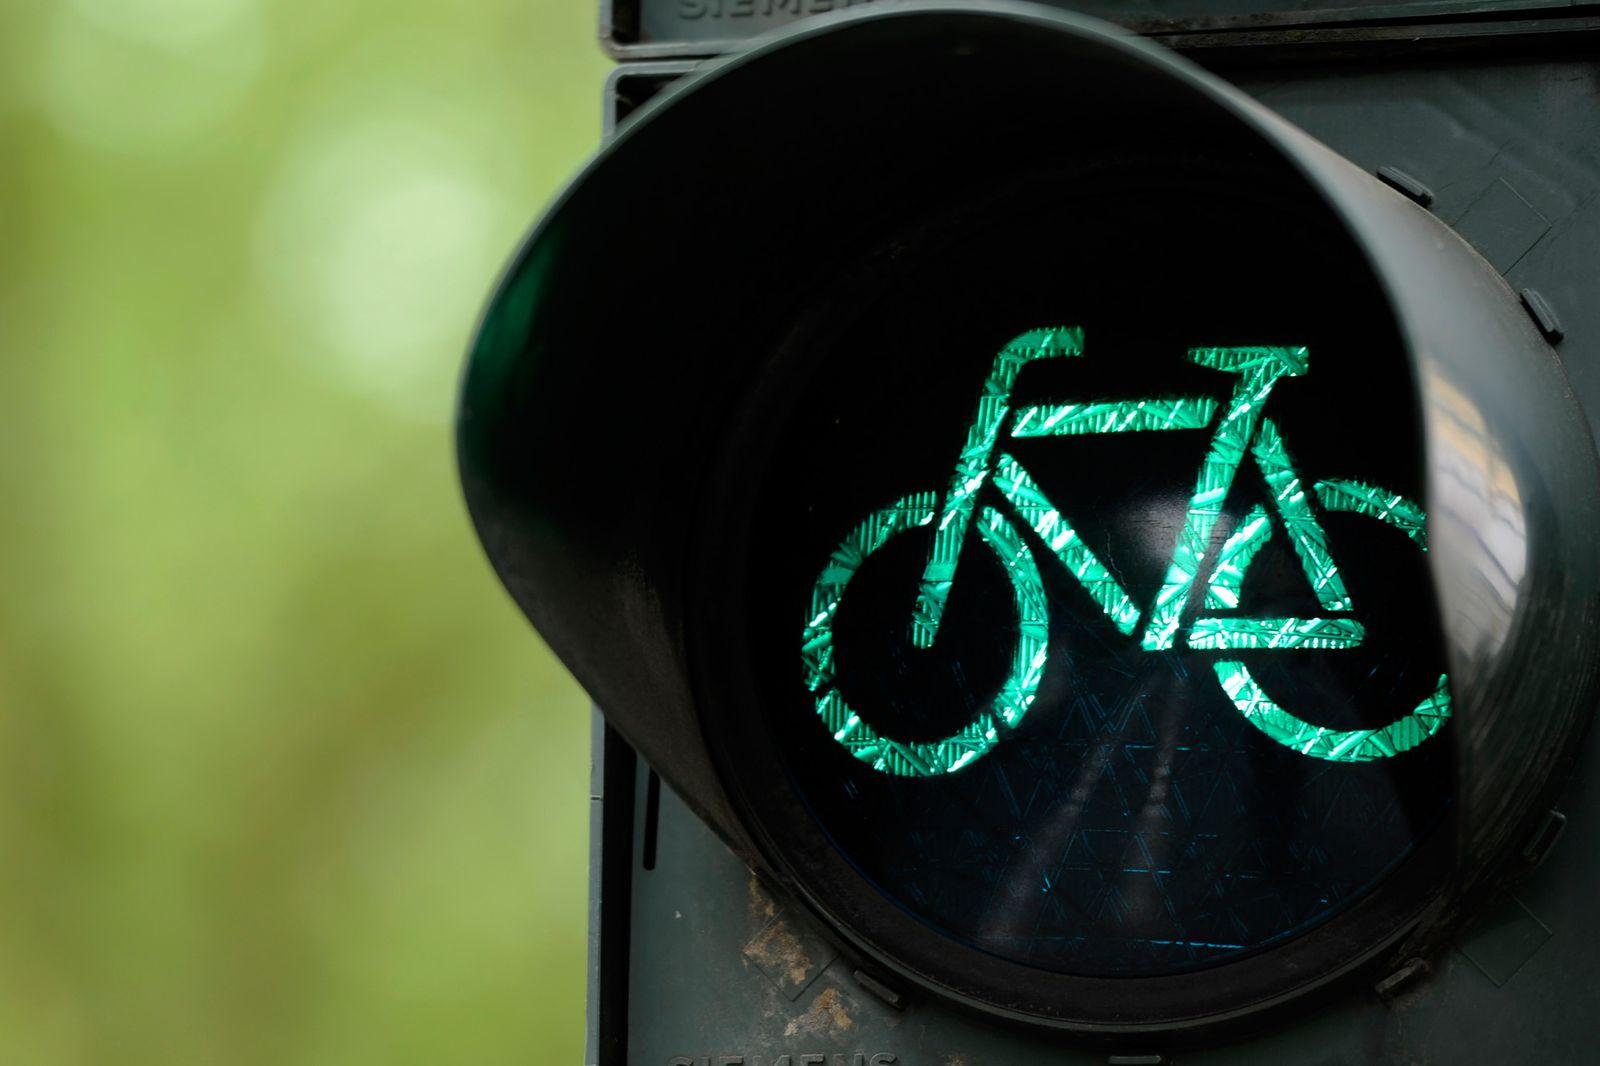 Fahrrad / Bußgeld